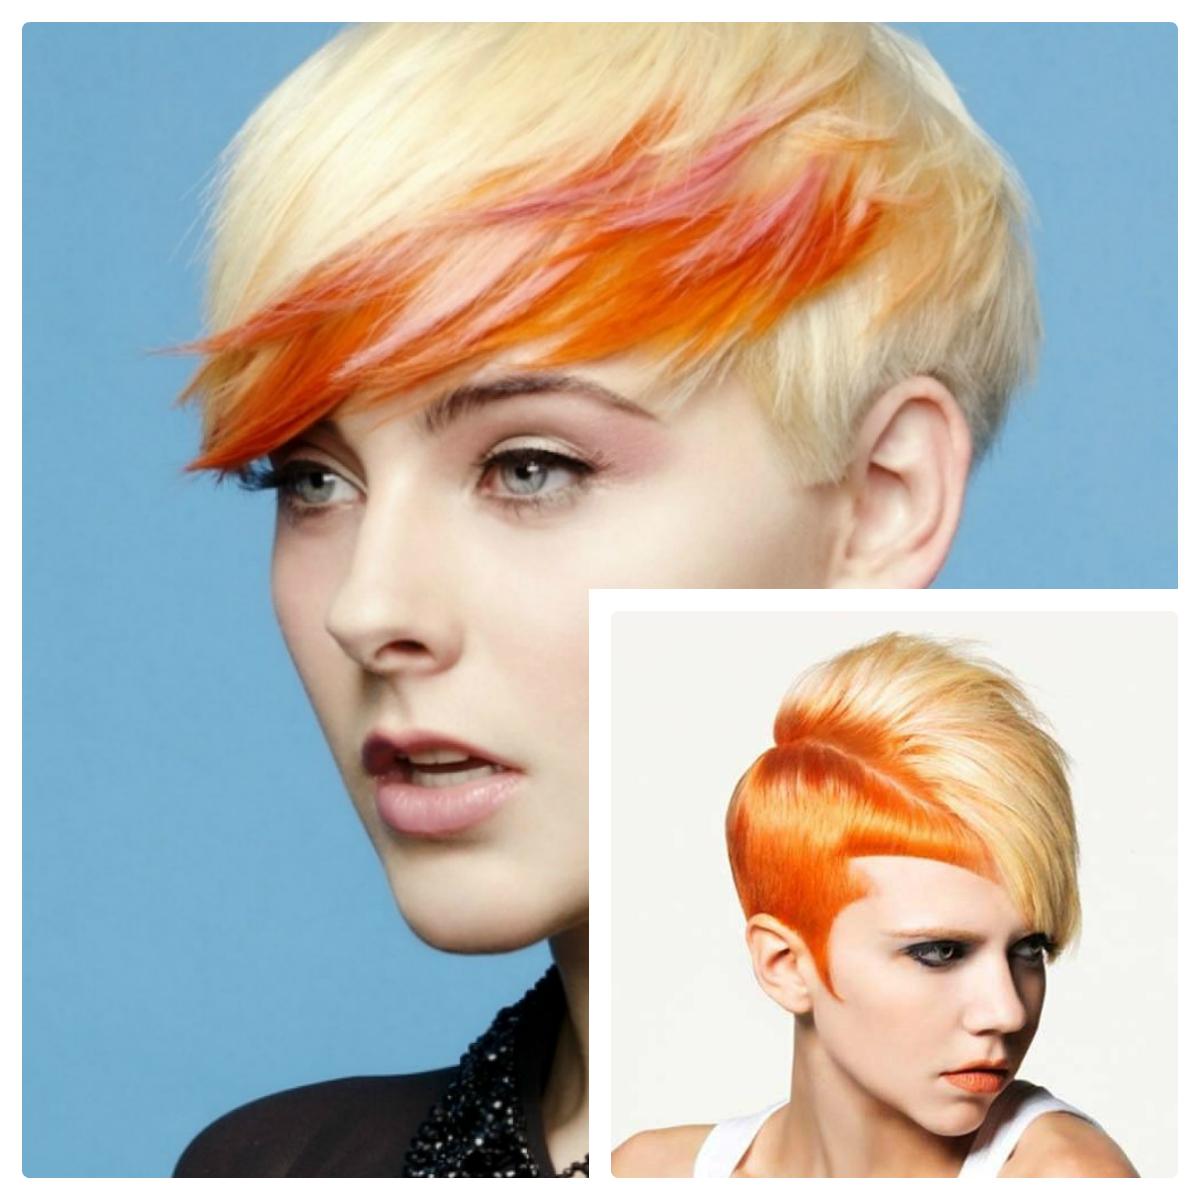 Покраска волос в два цвета: фото 1